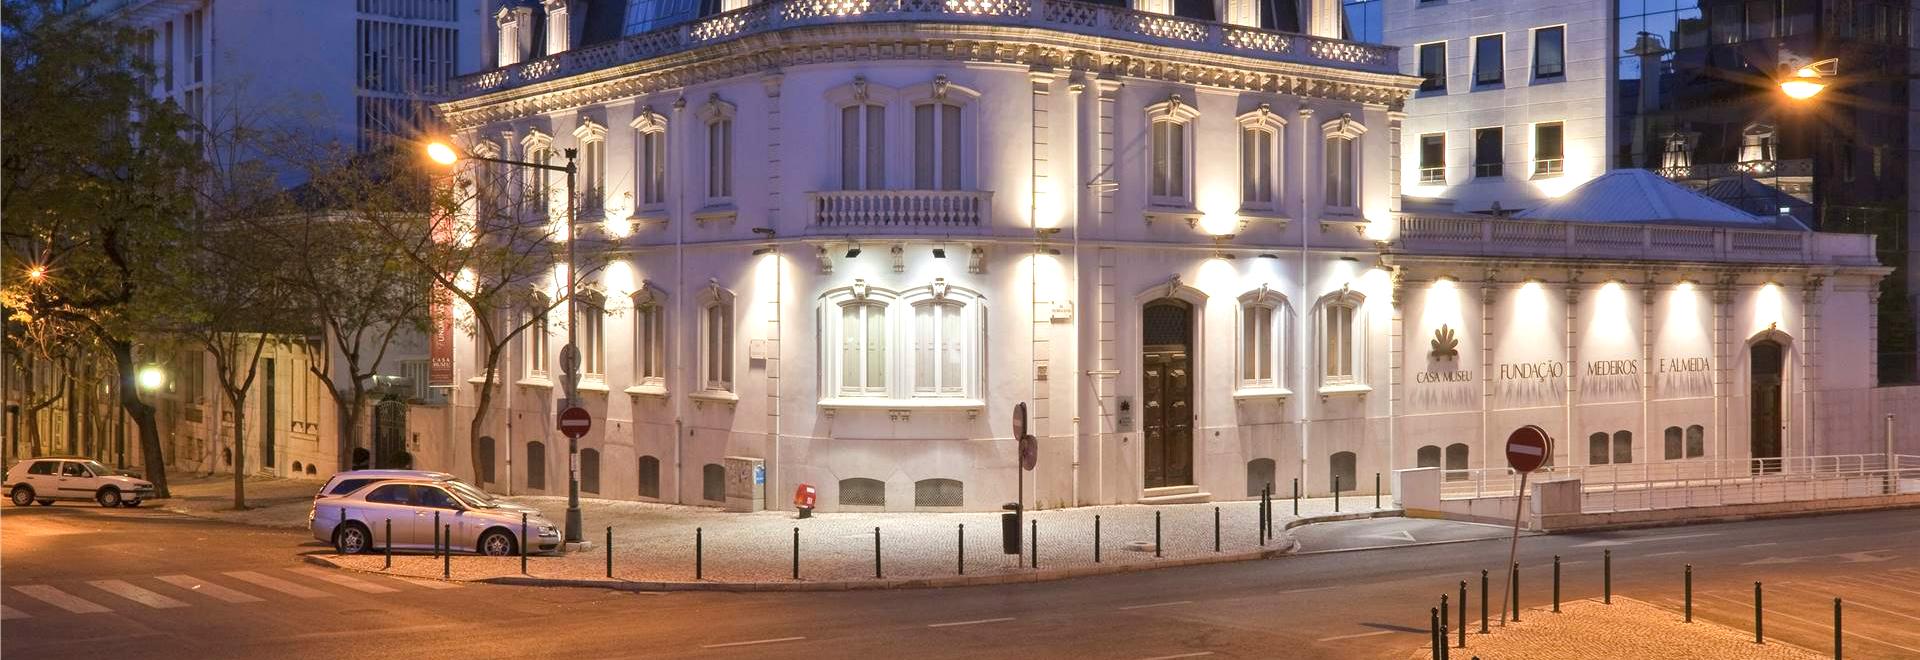 58c7a64e4d4 Casa-Museu Medeiros e Almeida - fascinante coleção privada